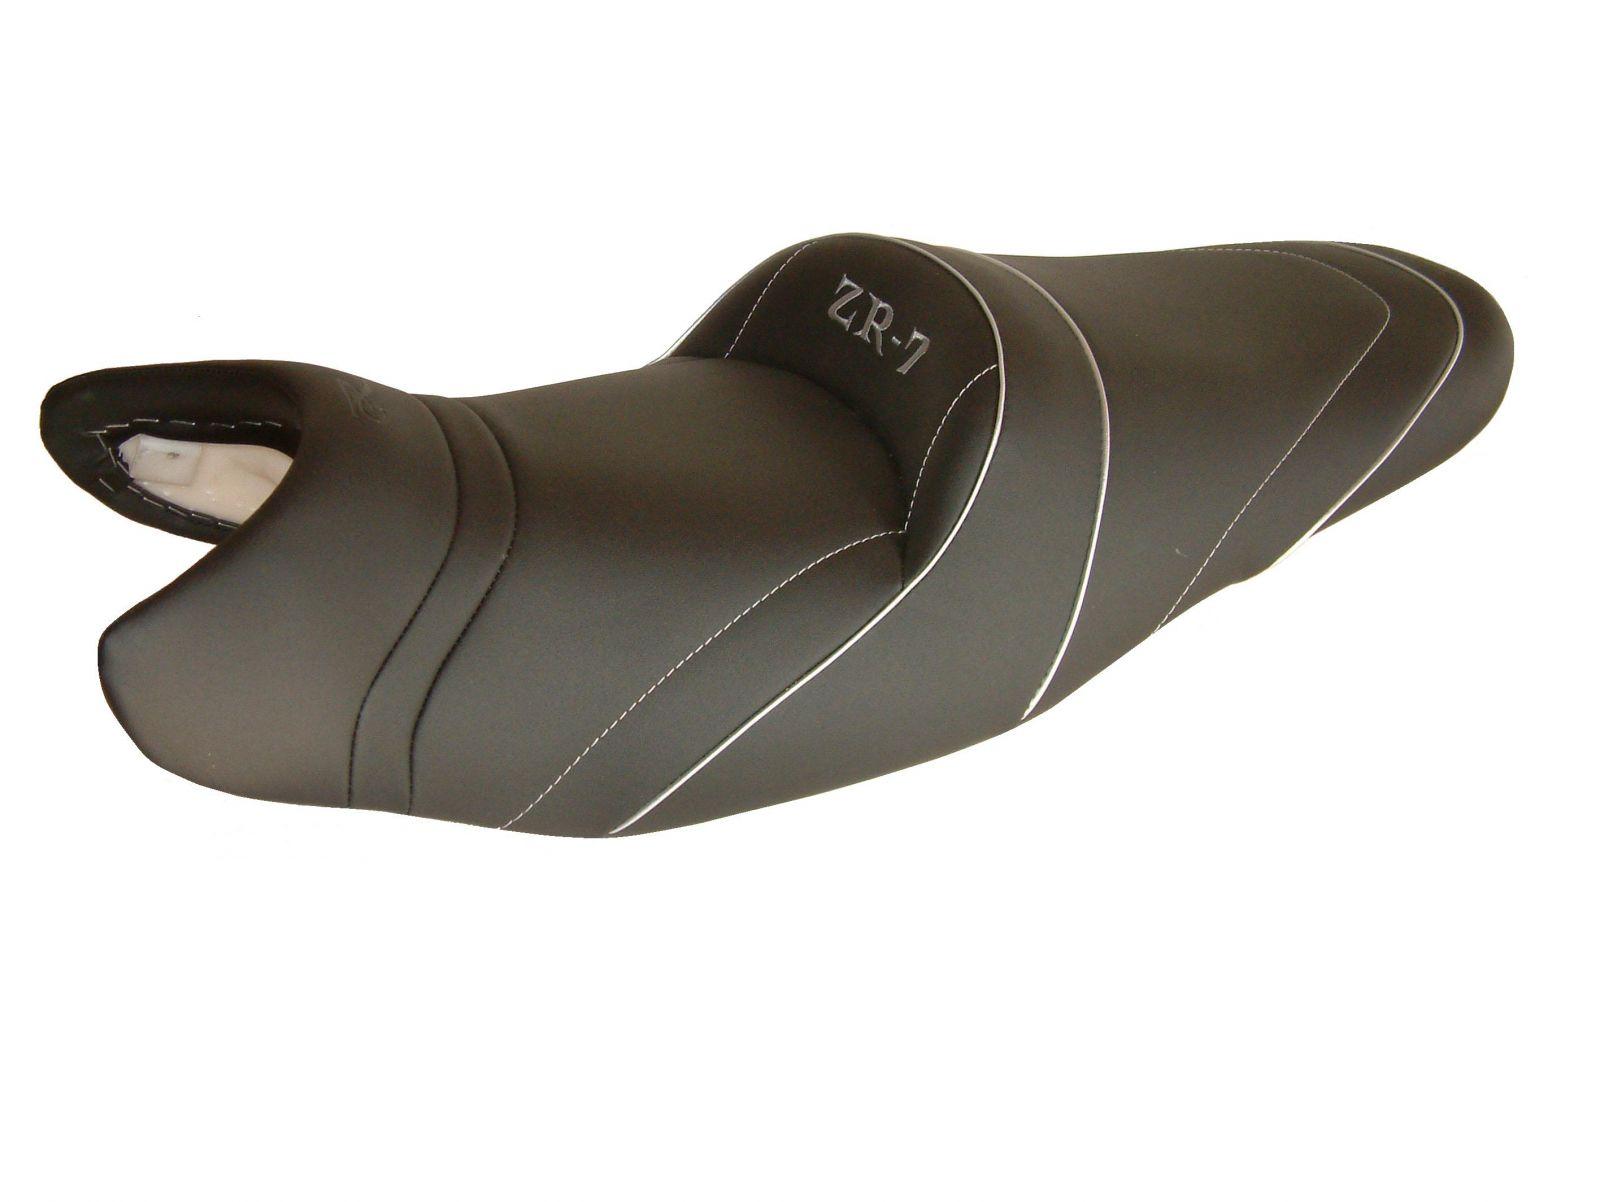 Sella Grande Confort SGC1572 - KAWASAKI ZR-7 / ZR-7S [1999-2003]